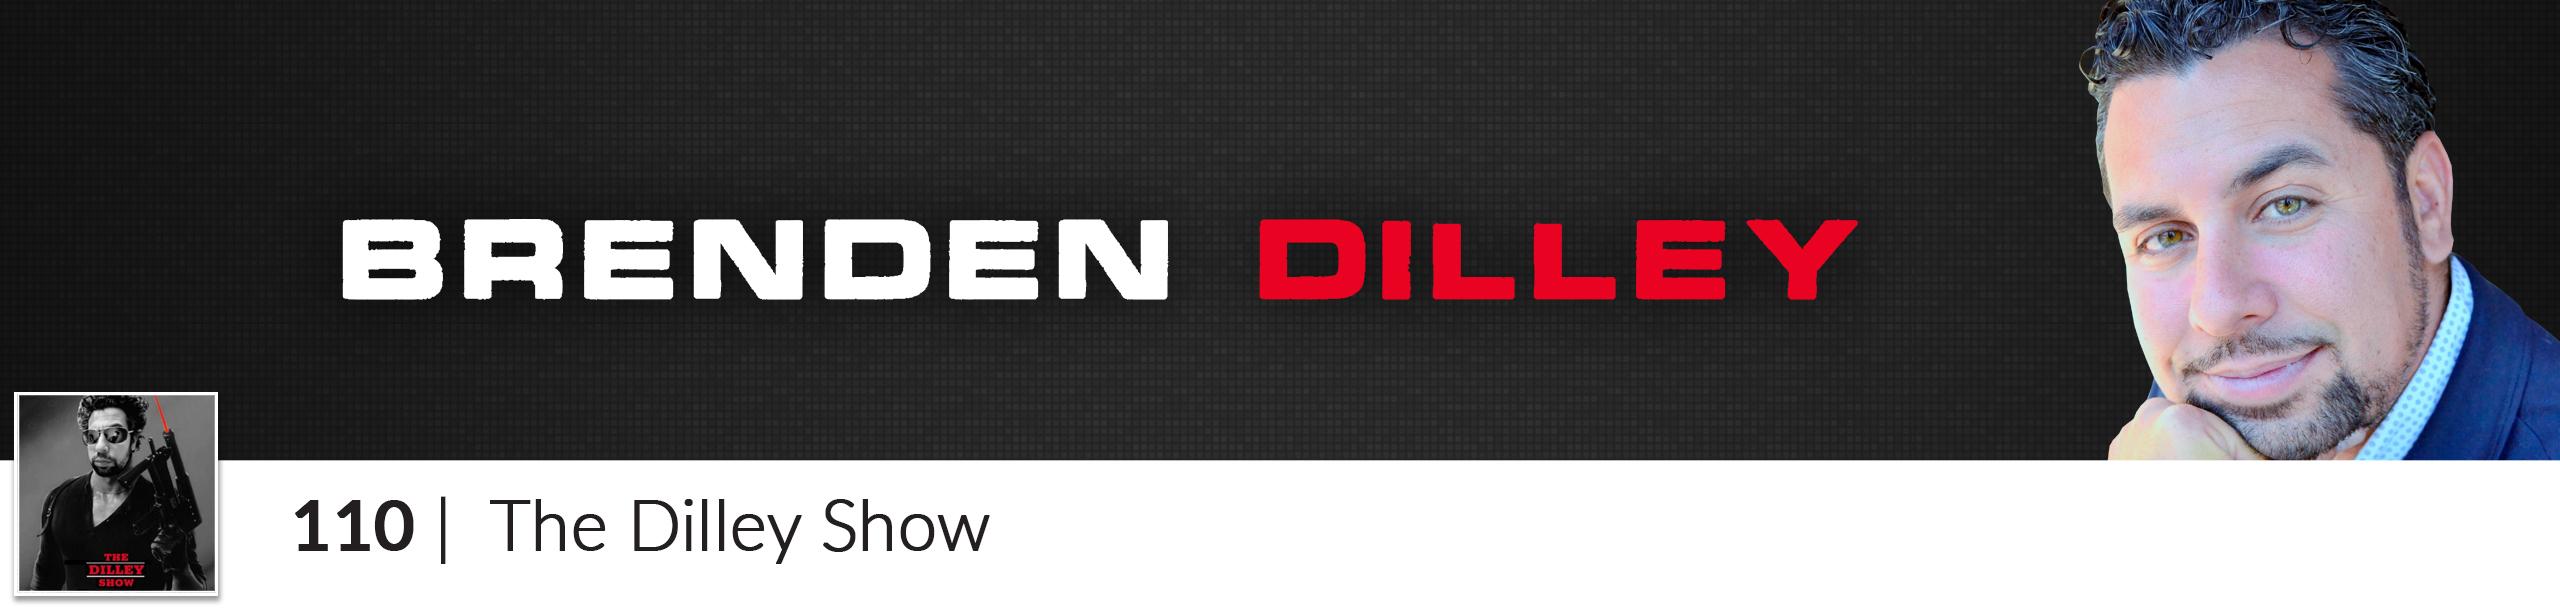 brenden_dilley_header1-2